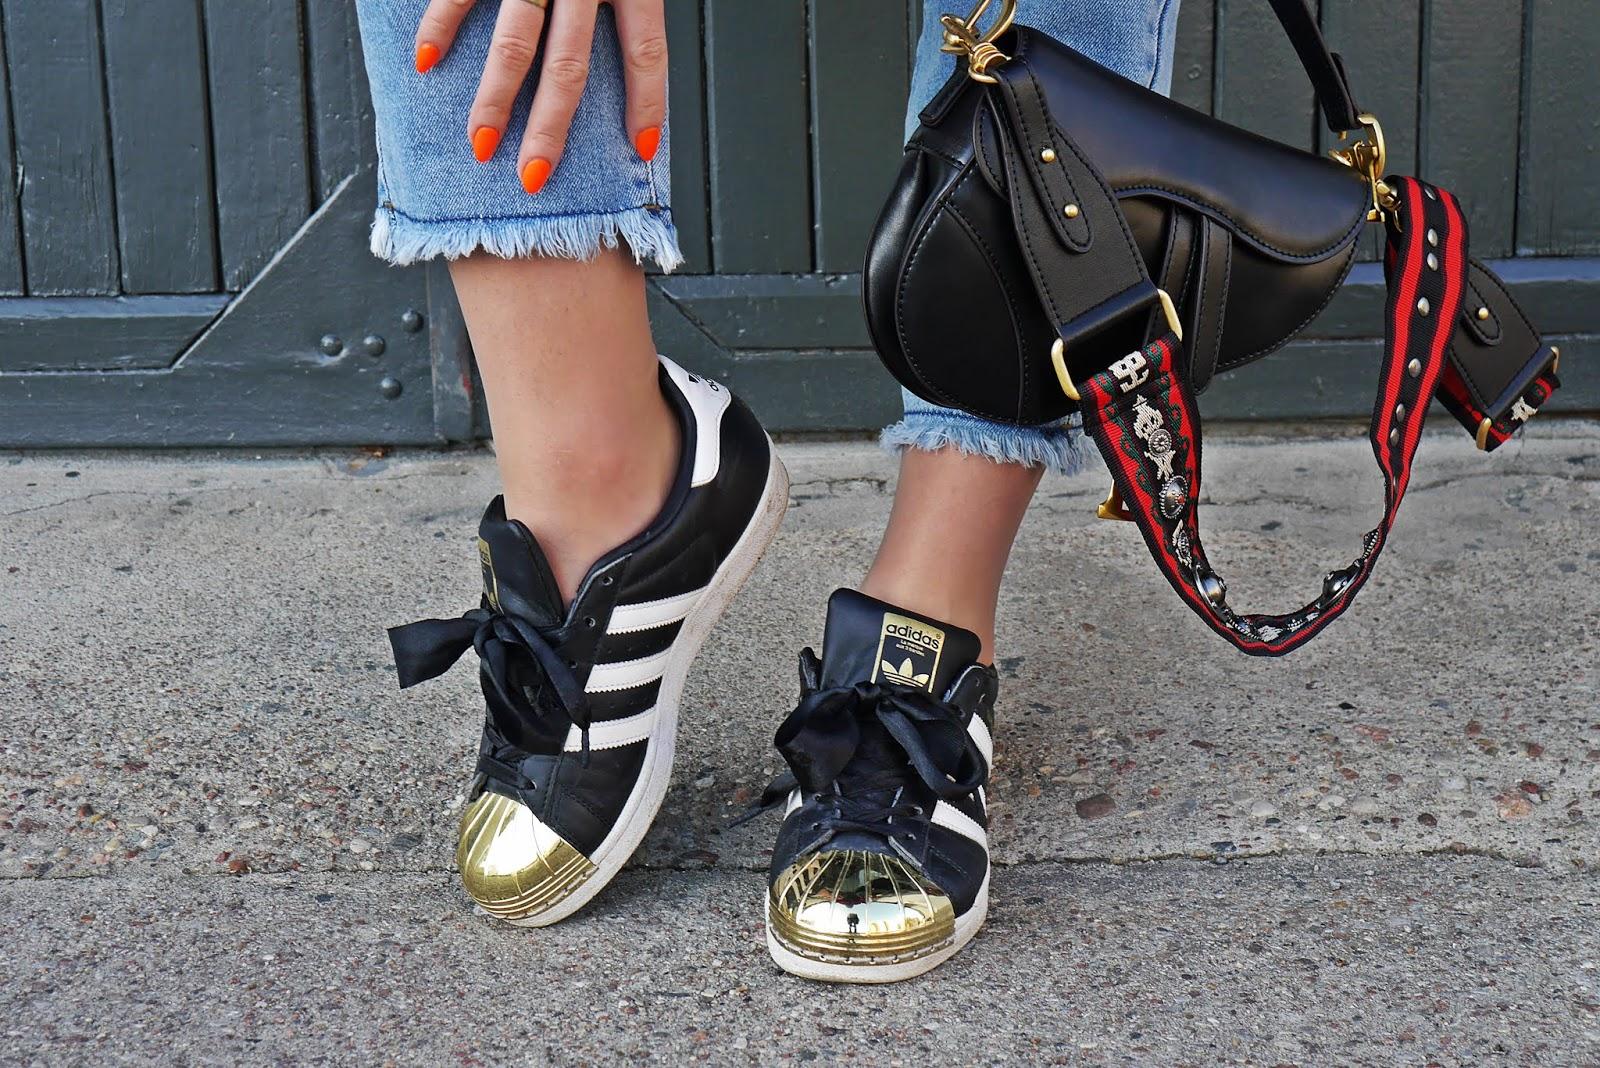 blogerka modowa blog modowy karyn adidas superstar torebka dior siodło puławy stylizacja